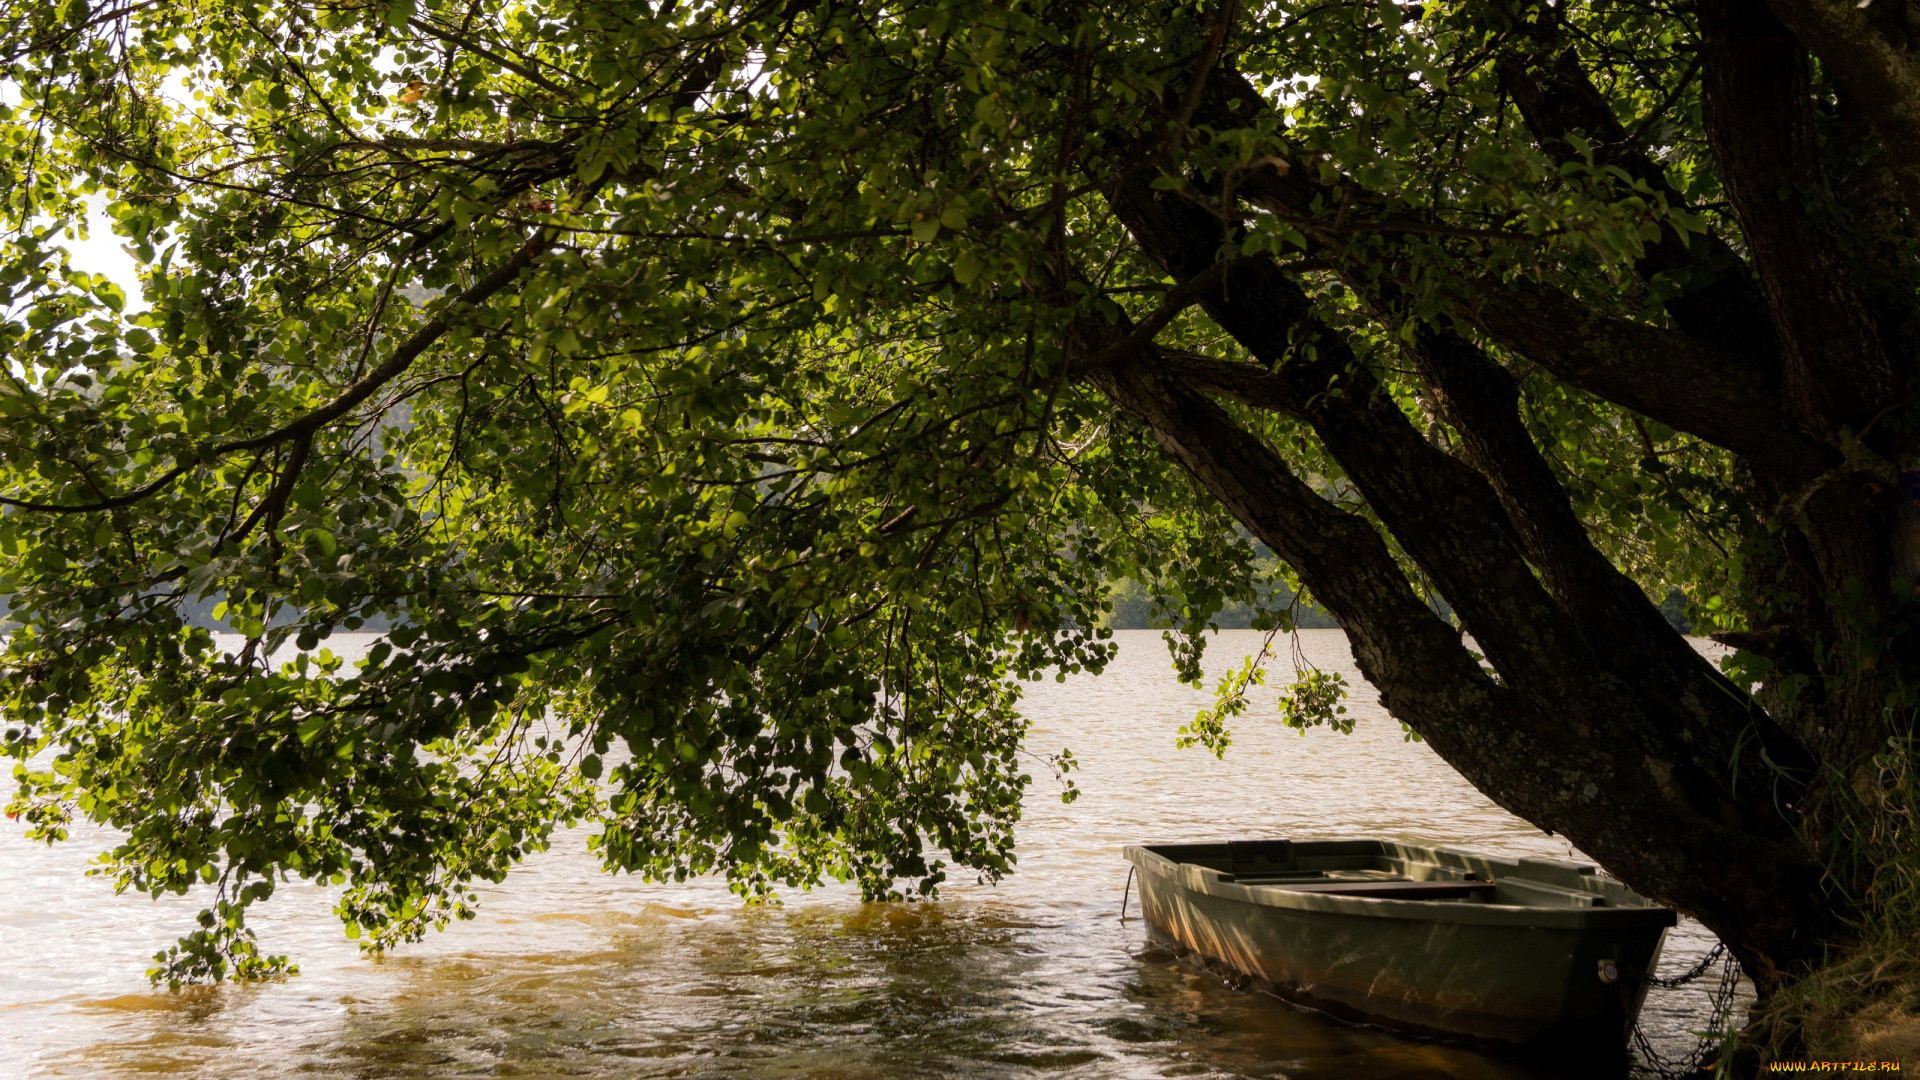 корабли, лодки,  шлюпки, река, лодка, дерево